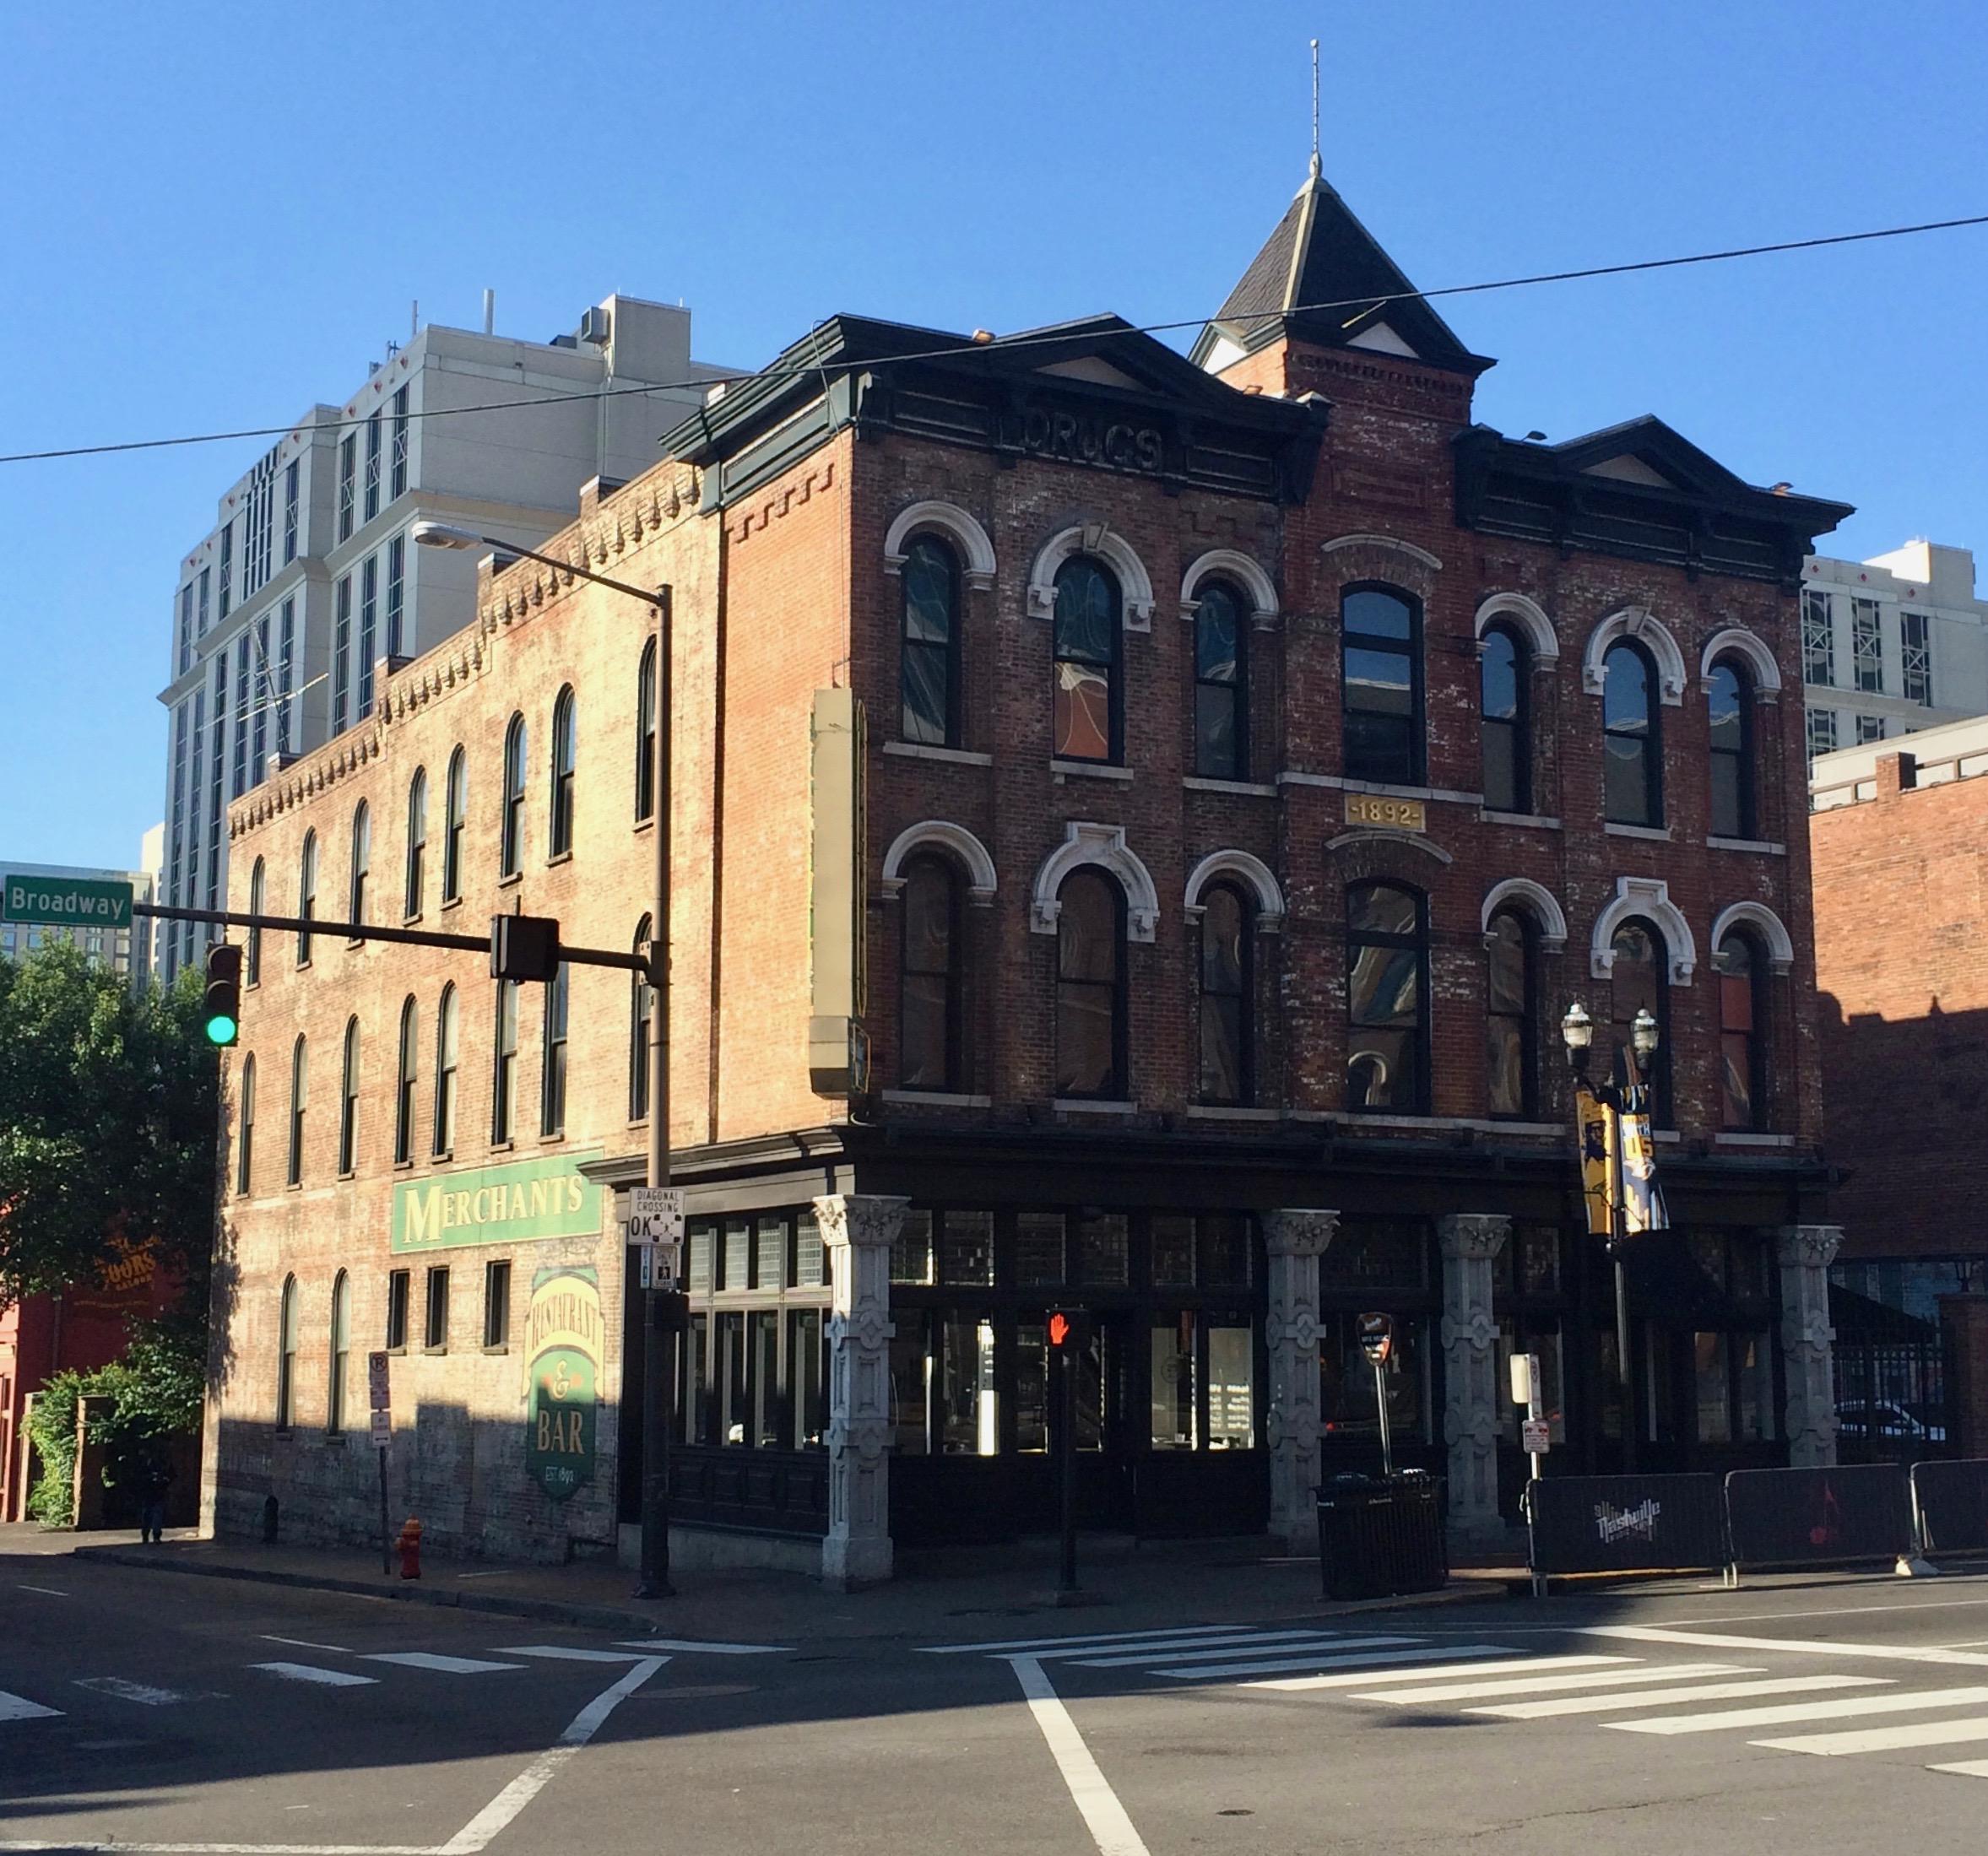 Repurposed/revitalized historical buildings in Nashville